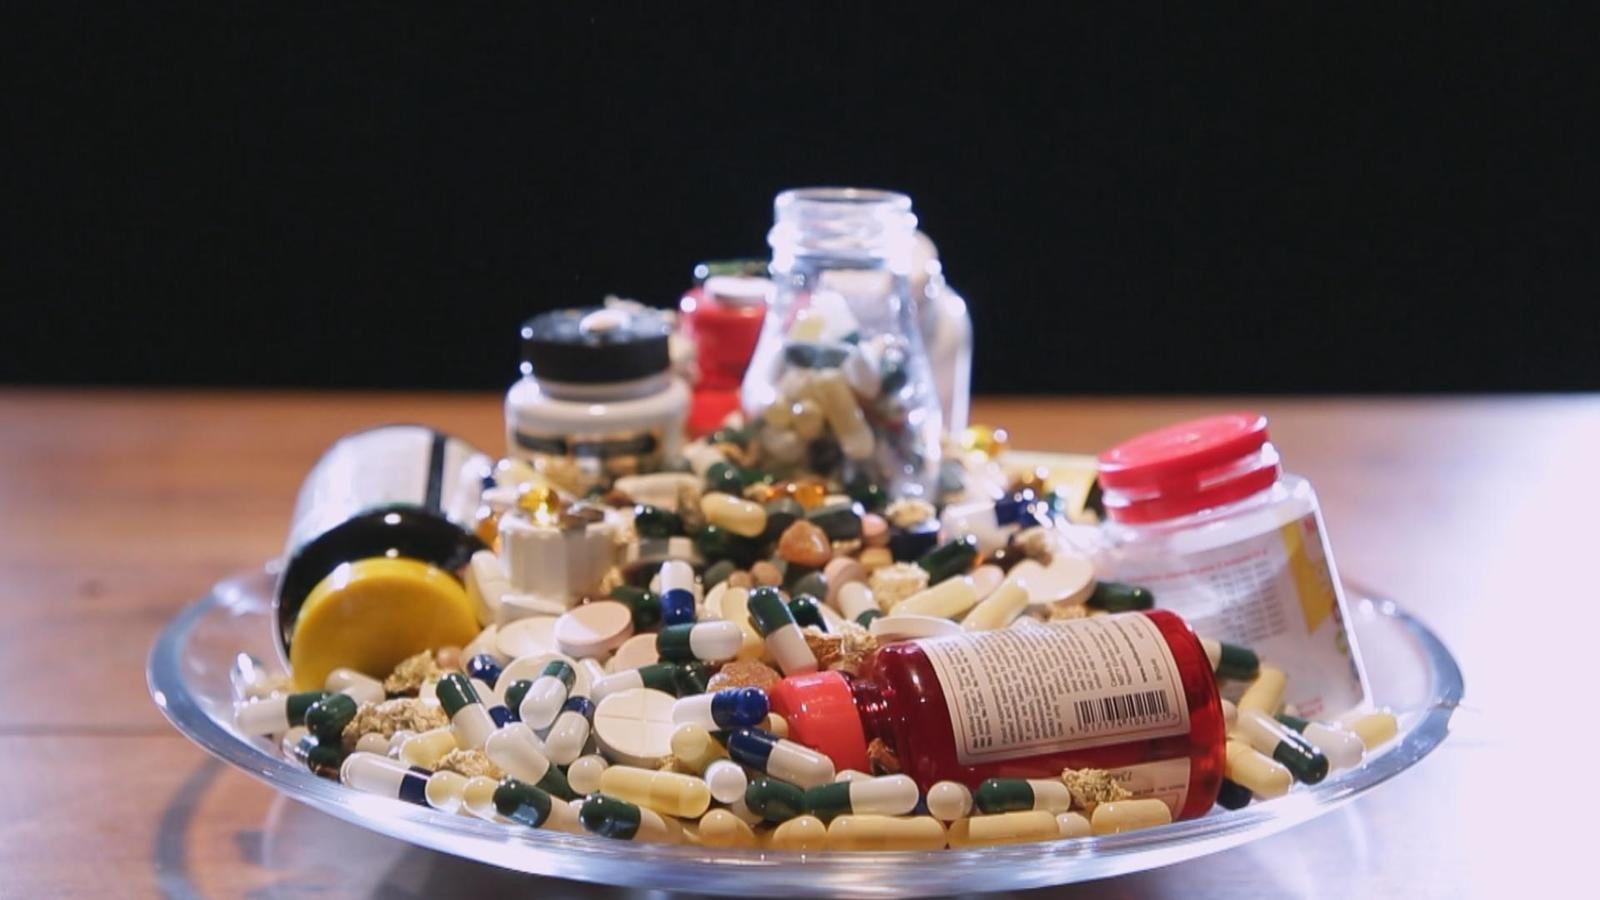 Document puis débat sur les compléments alimentaires, ce mardi soir sur France 5.